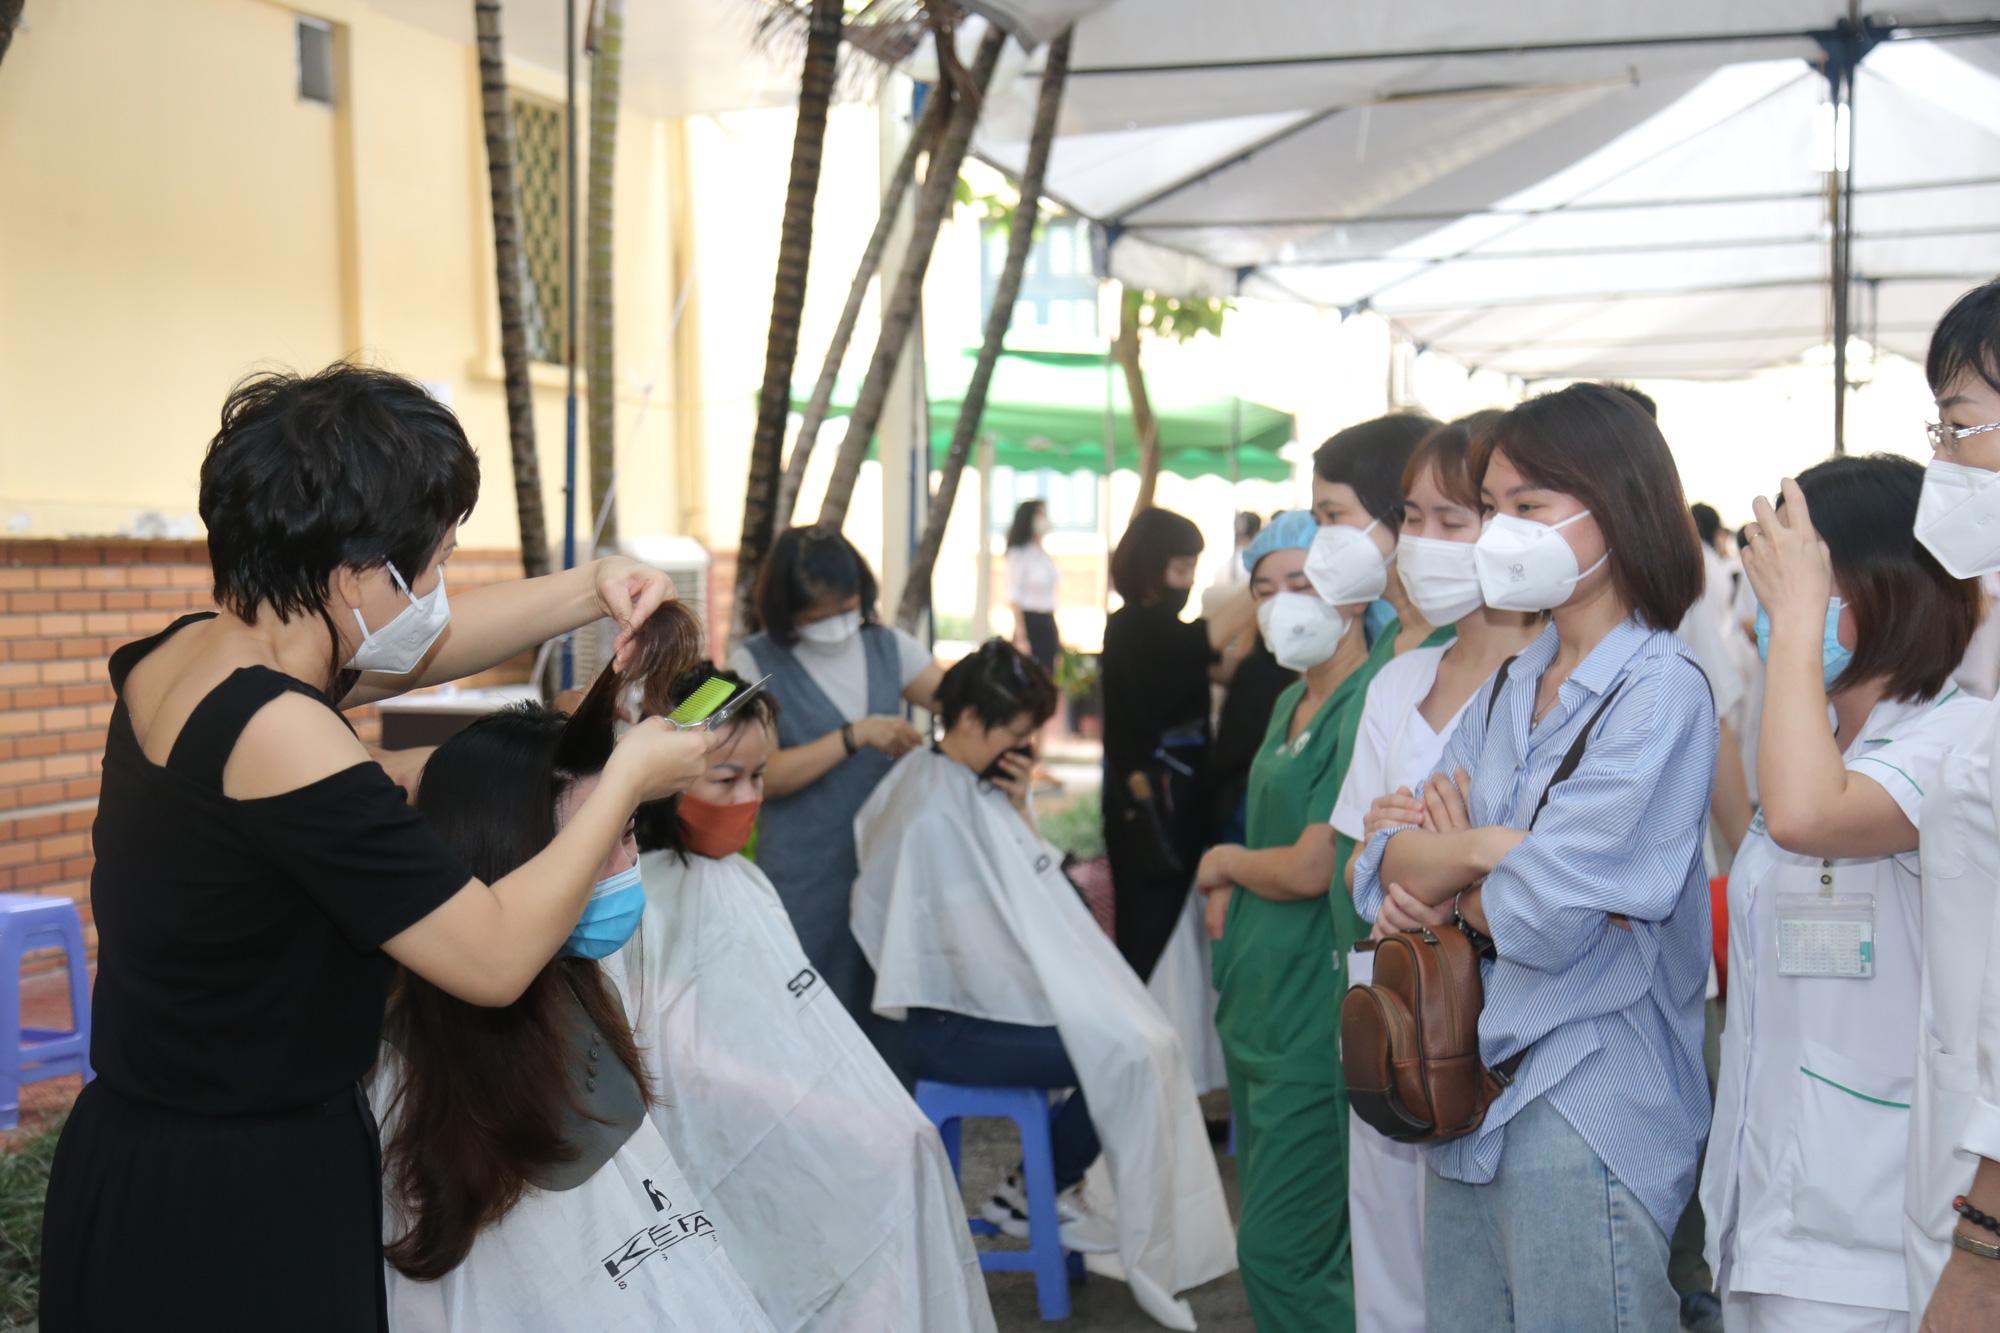 """Sáng 15/9, hơn 100 """"chiến sĩ"""" áo trắng Việt Đức vào TP HCM """"đảo quân"""" cho Trung tâm hồi sức tích cực COVID-19 - Ảnh 1."""